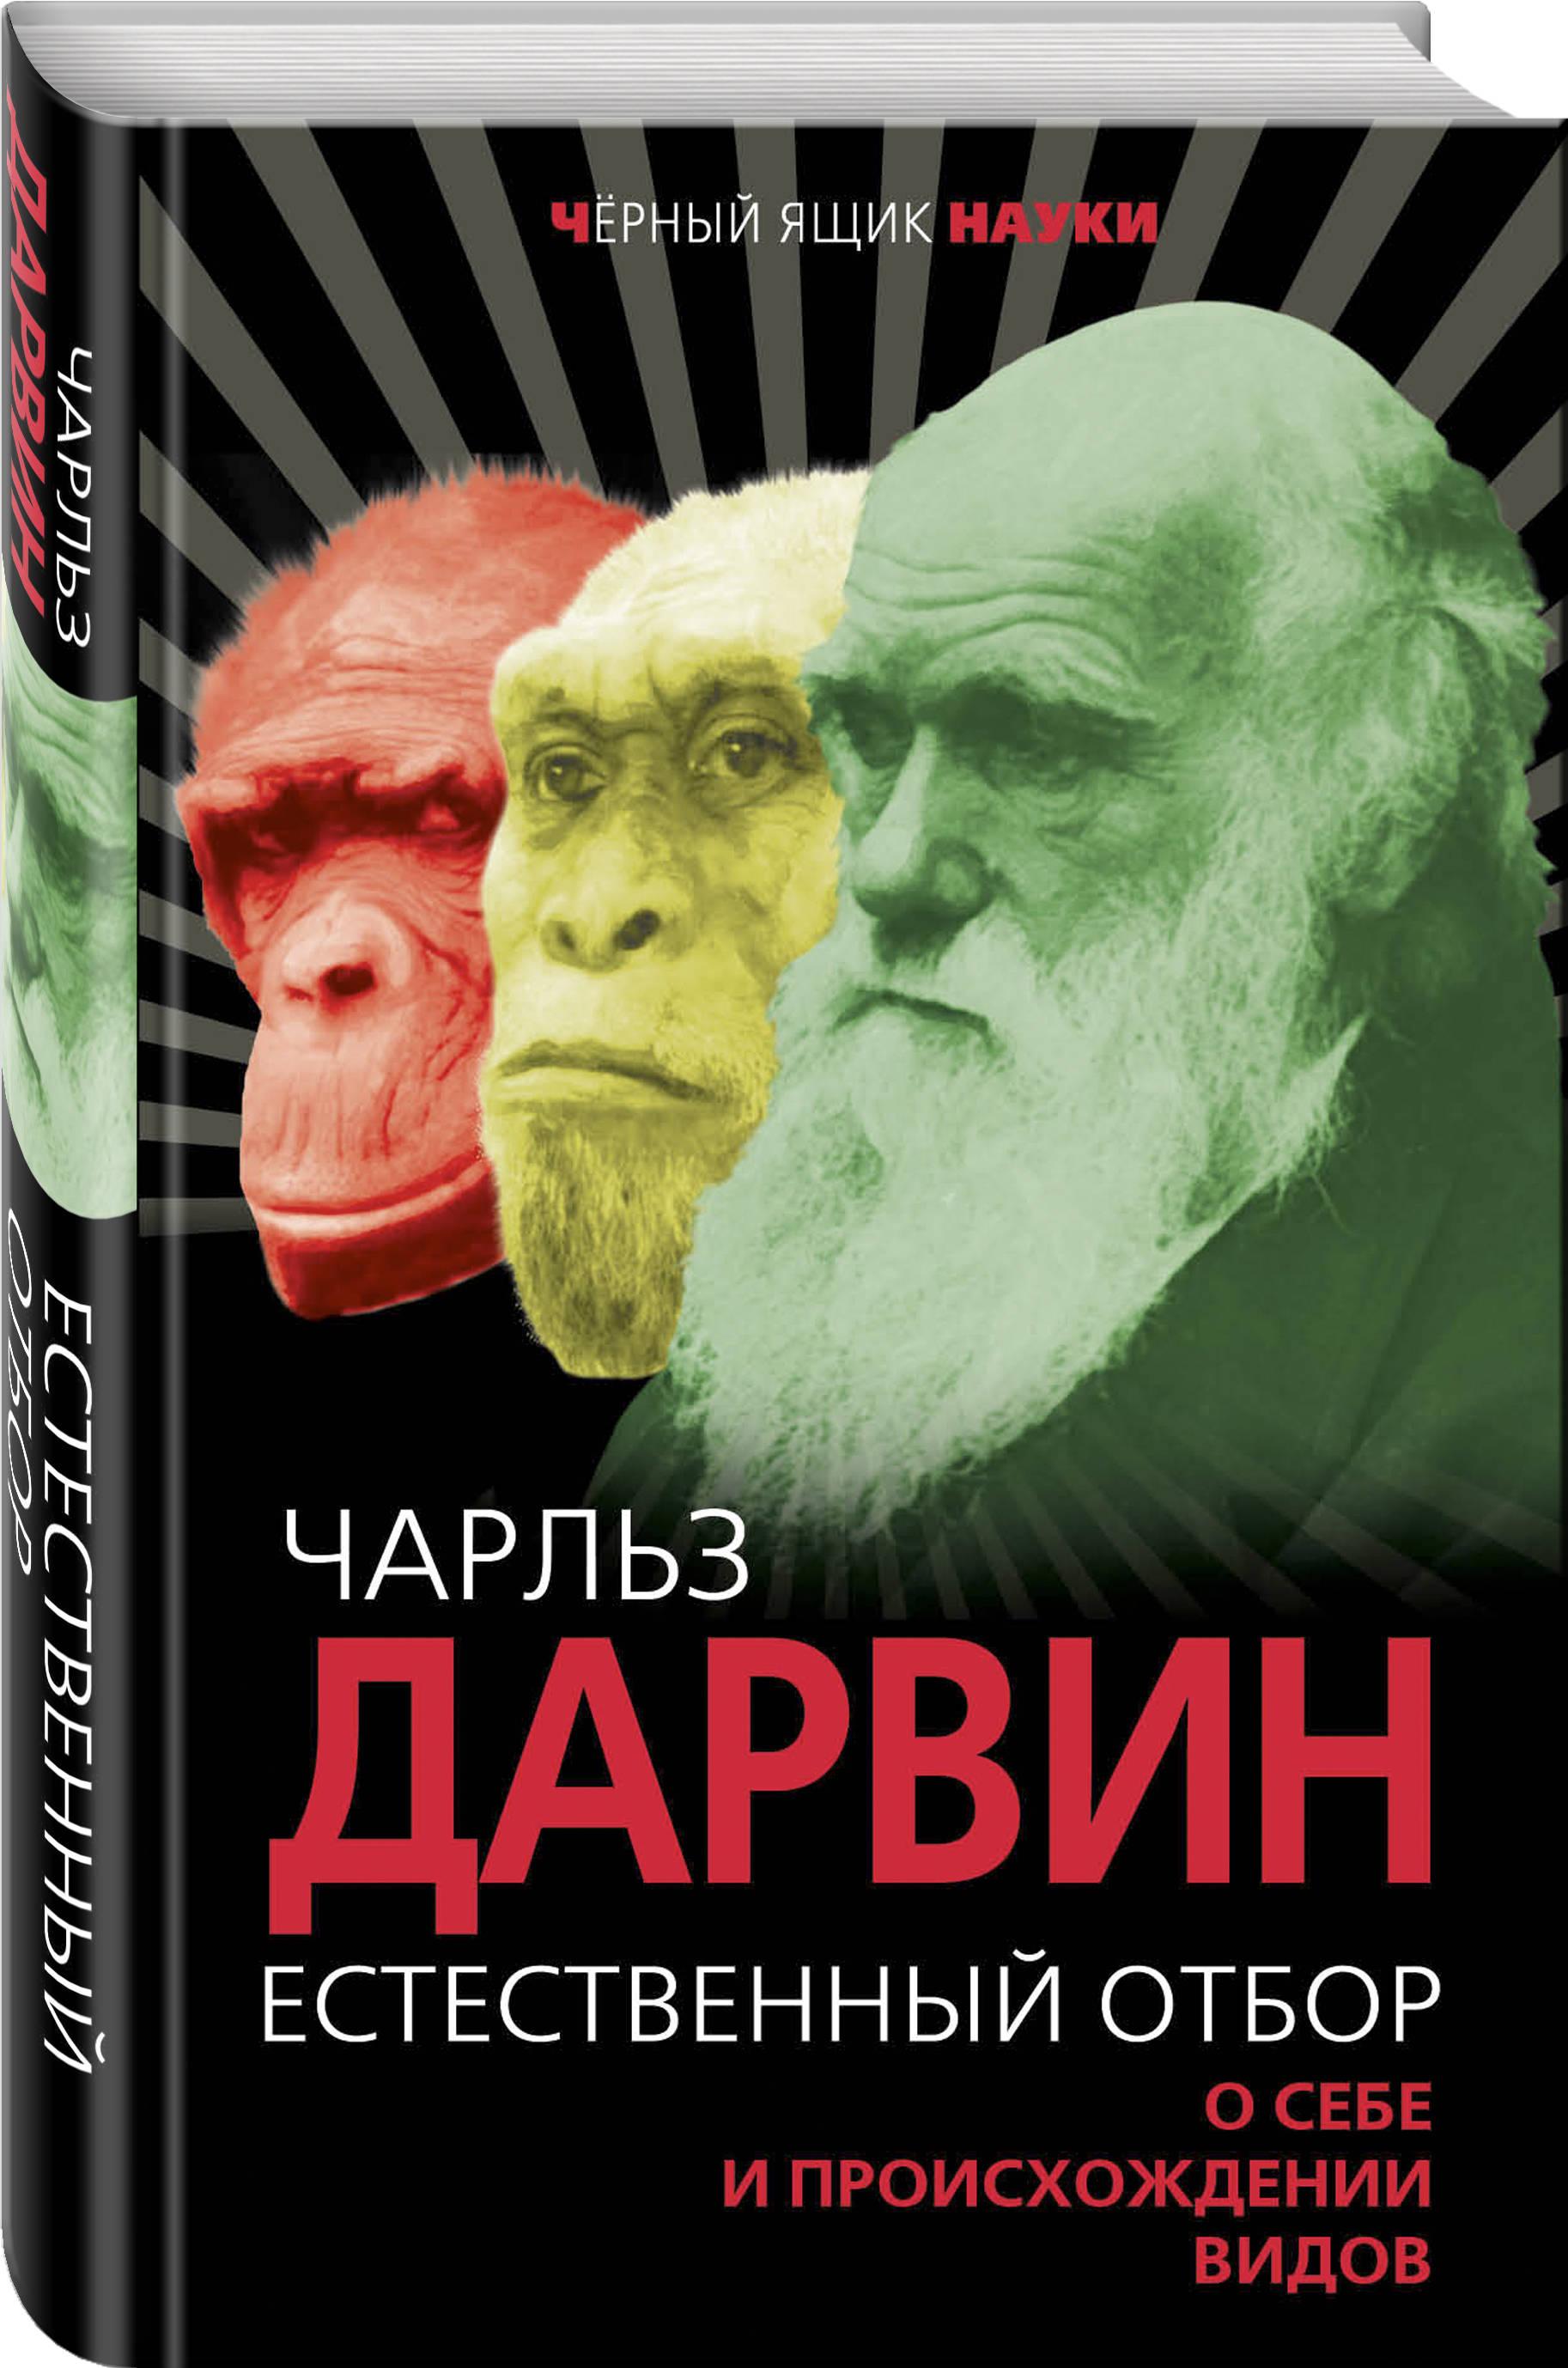 Чарльз Дарвин Естественный отбор. О себе и происхождении видов книги рипол классик великие имена чарльз дарвин